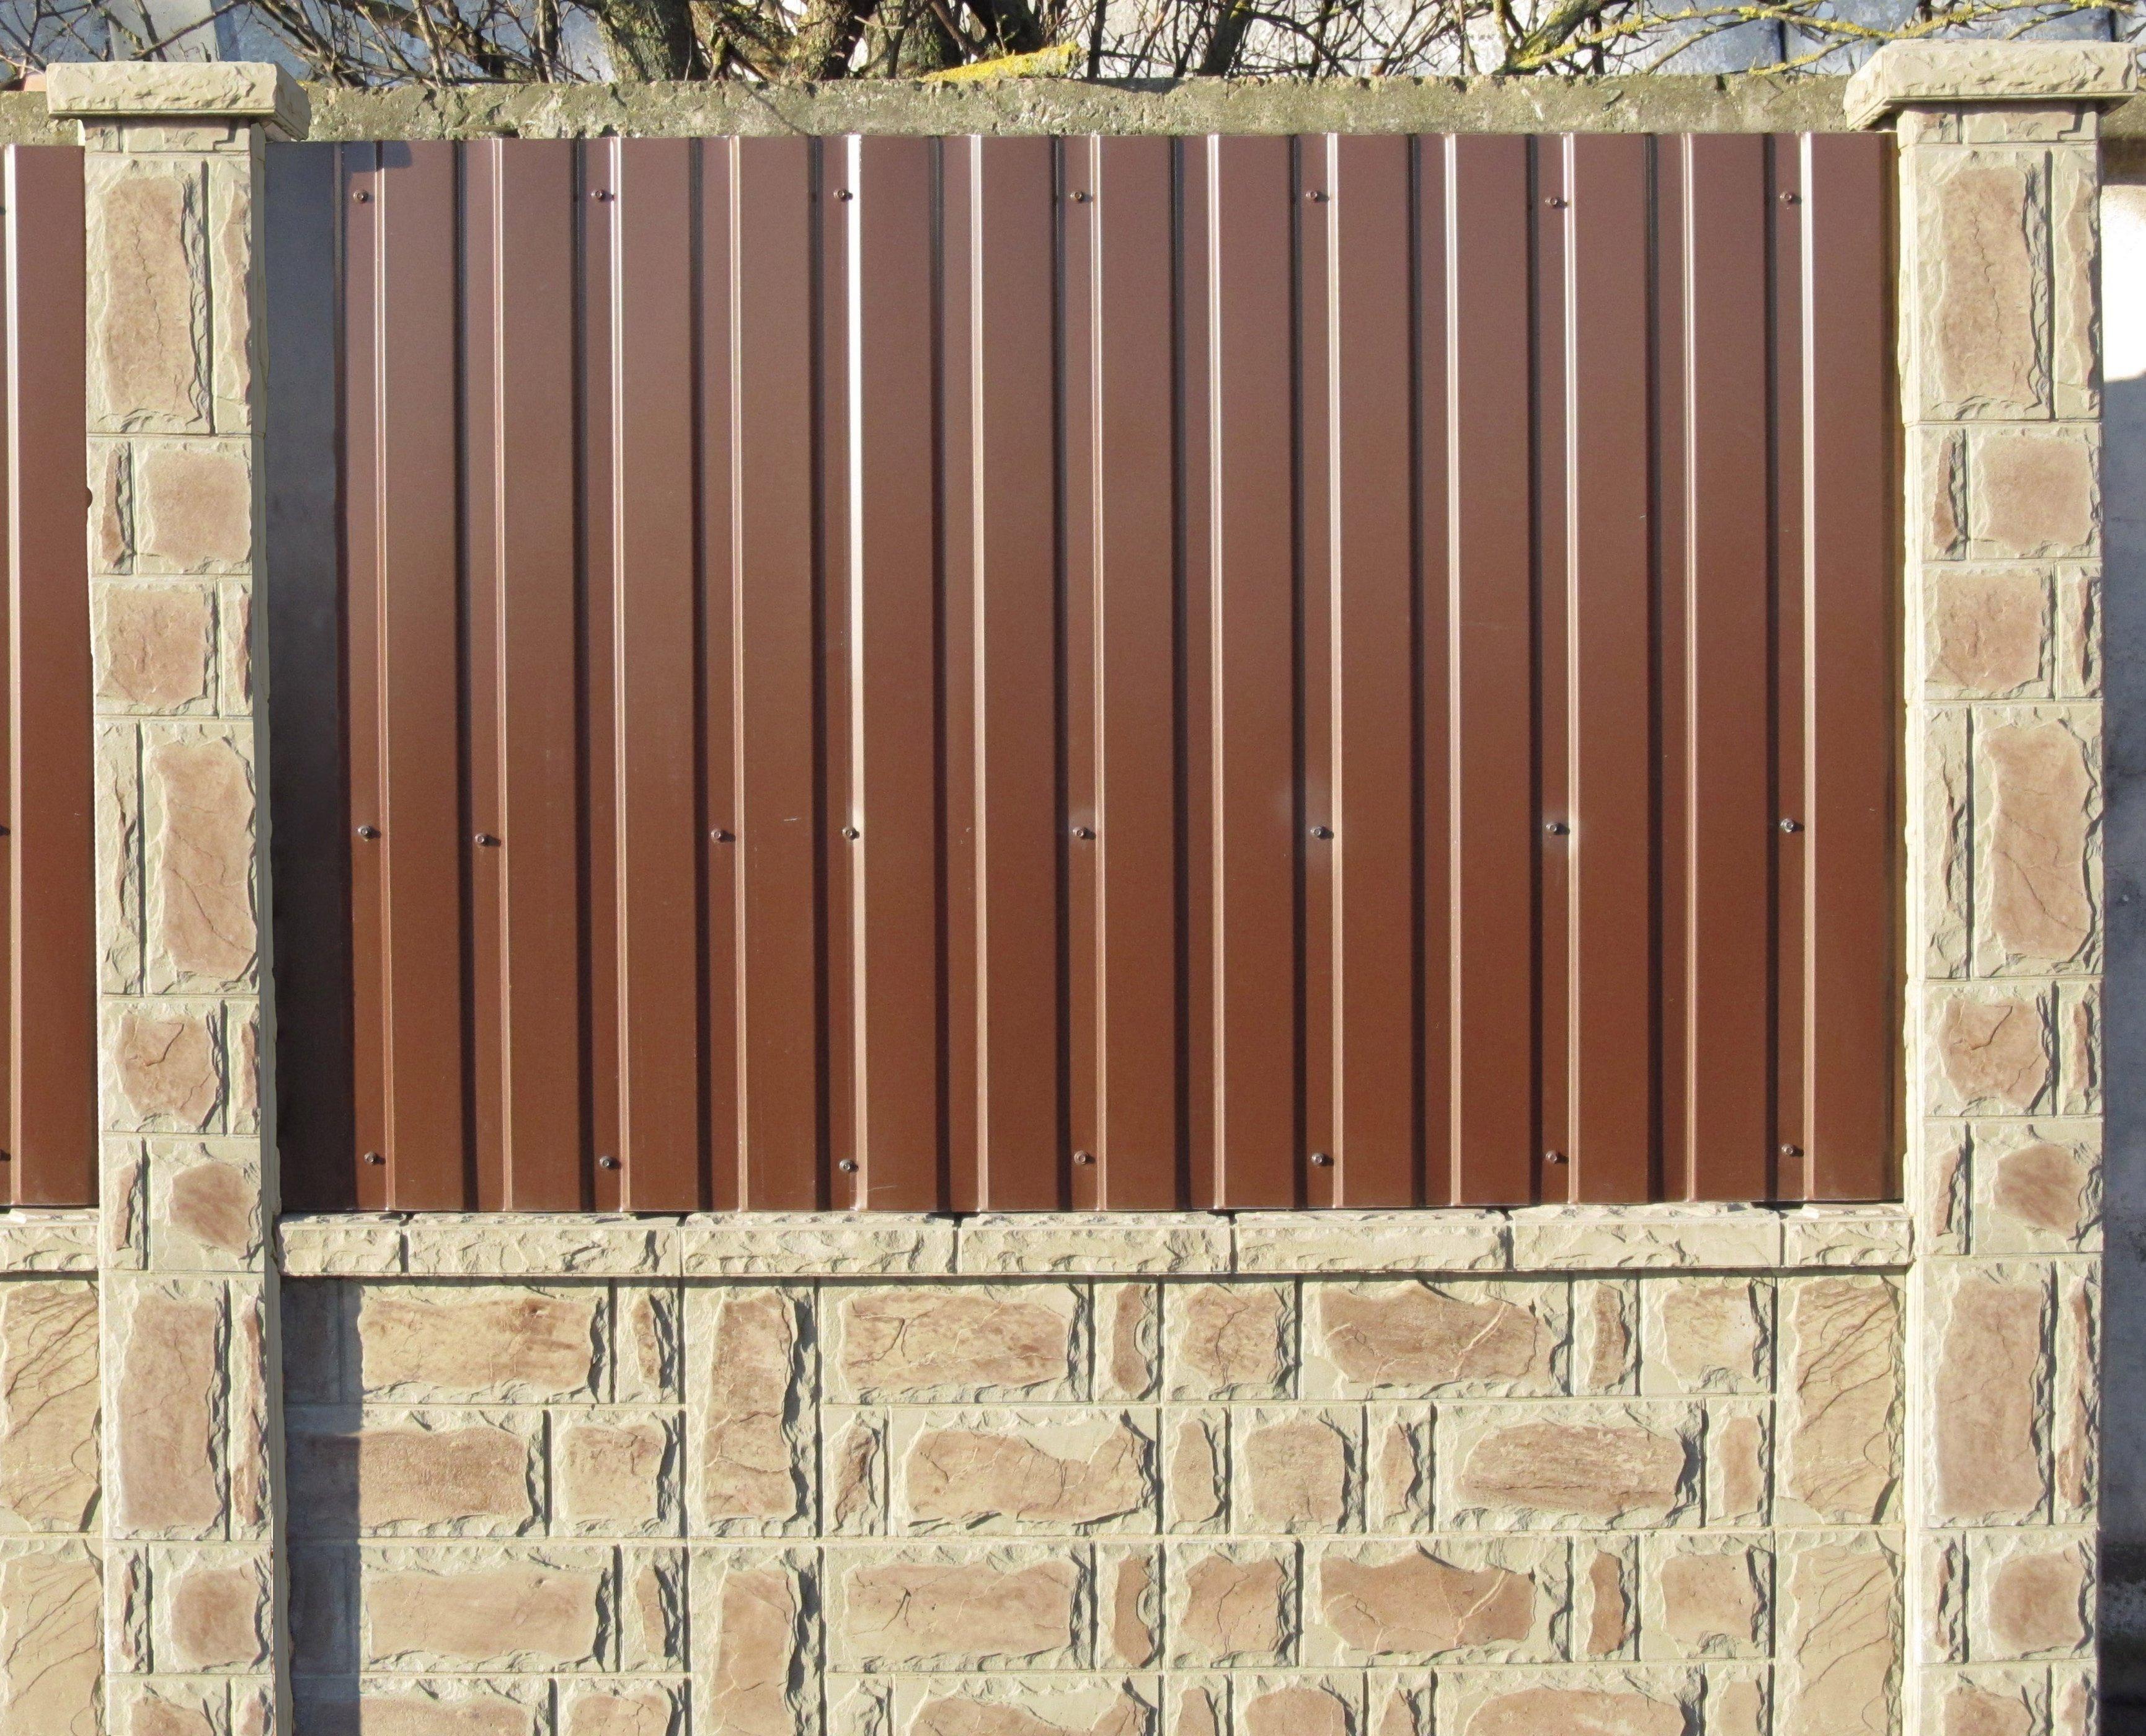 Нажмите на изображение для увеличения Название: Фото бетонного заборa колотый камень.jpg Просмотров: 50 Размер:1.57 Мб ID:333685